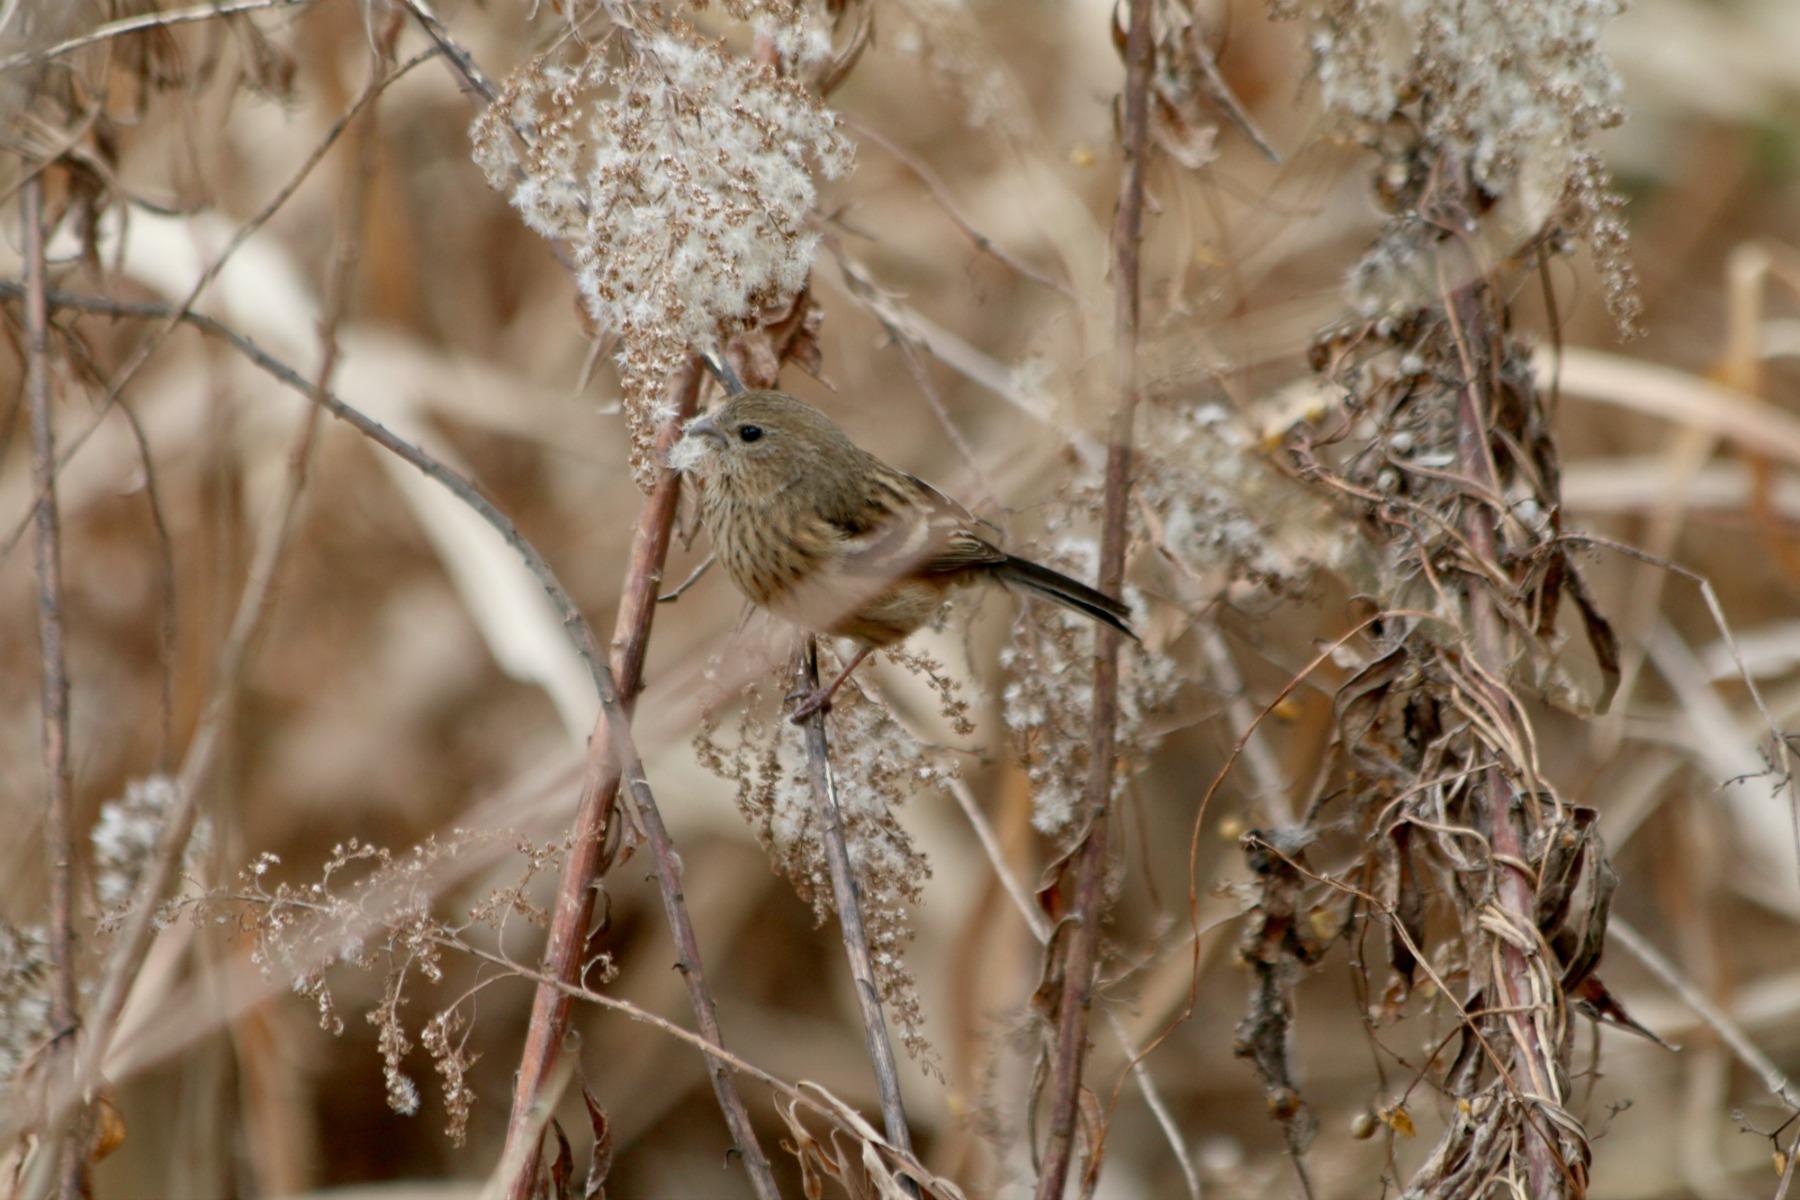 水元公園の鳥さんたち_a0127090_205786.jpg